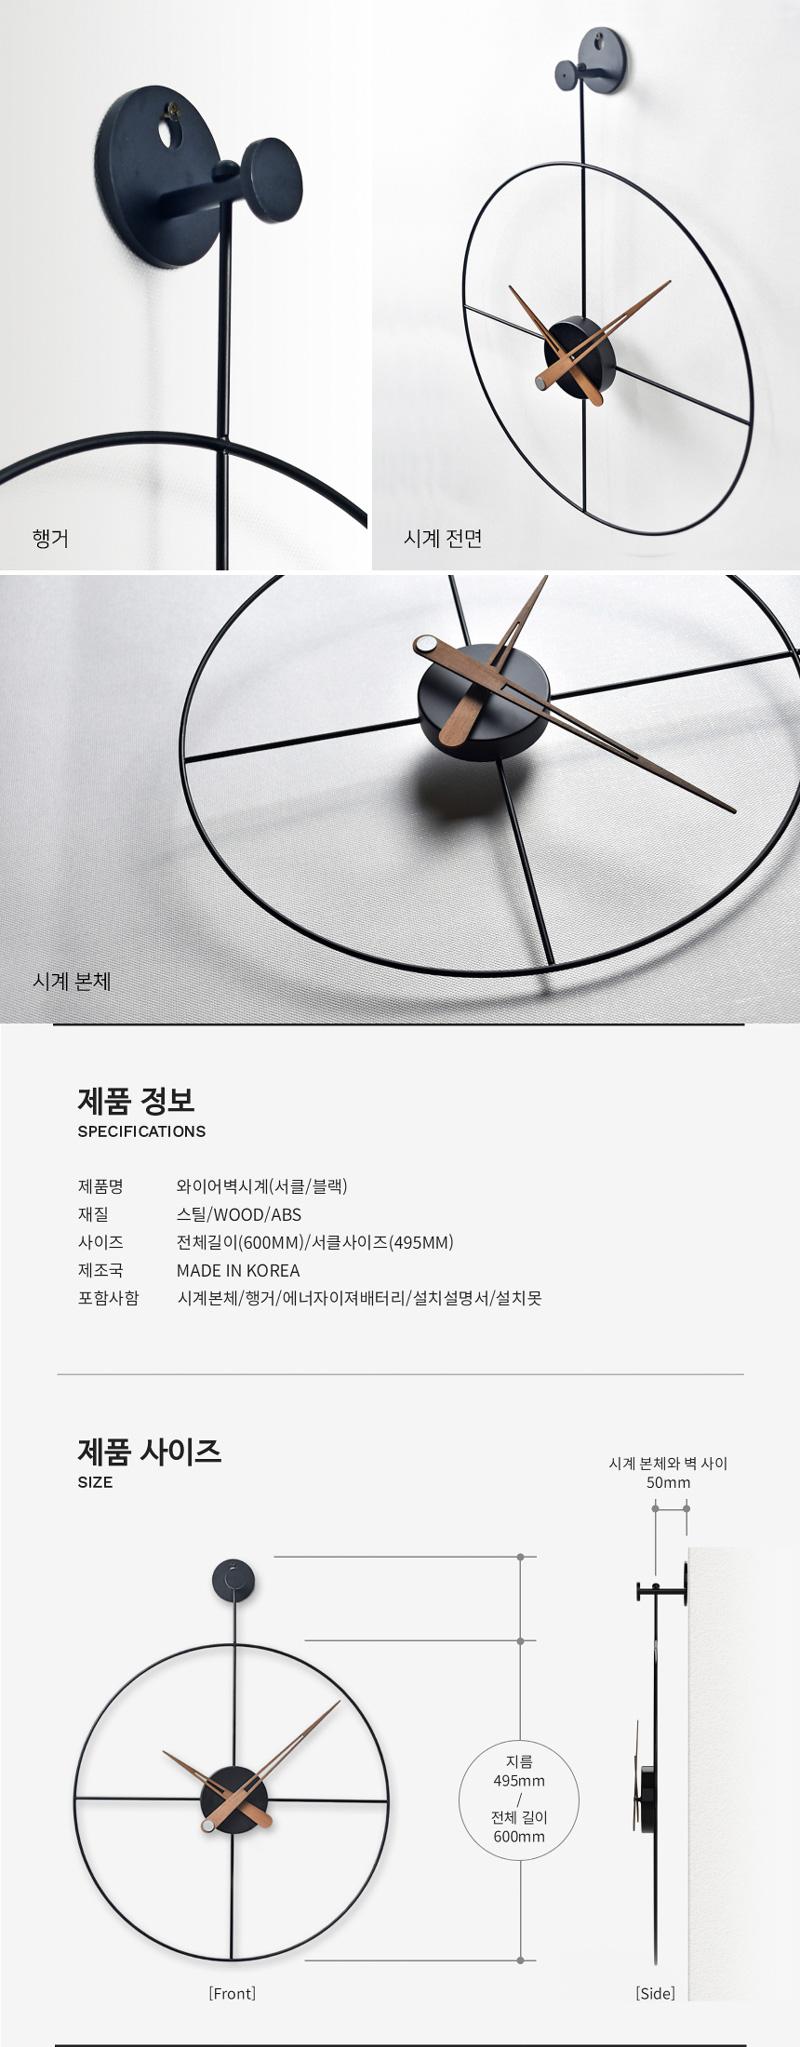 와이어 벽시계 원형(BK) - 디자인 이언, 89,000원, 벽시계, 디자인벽시계